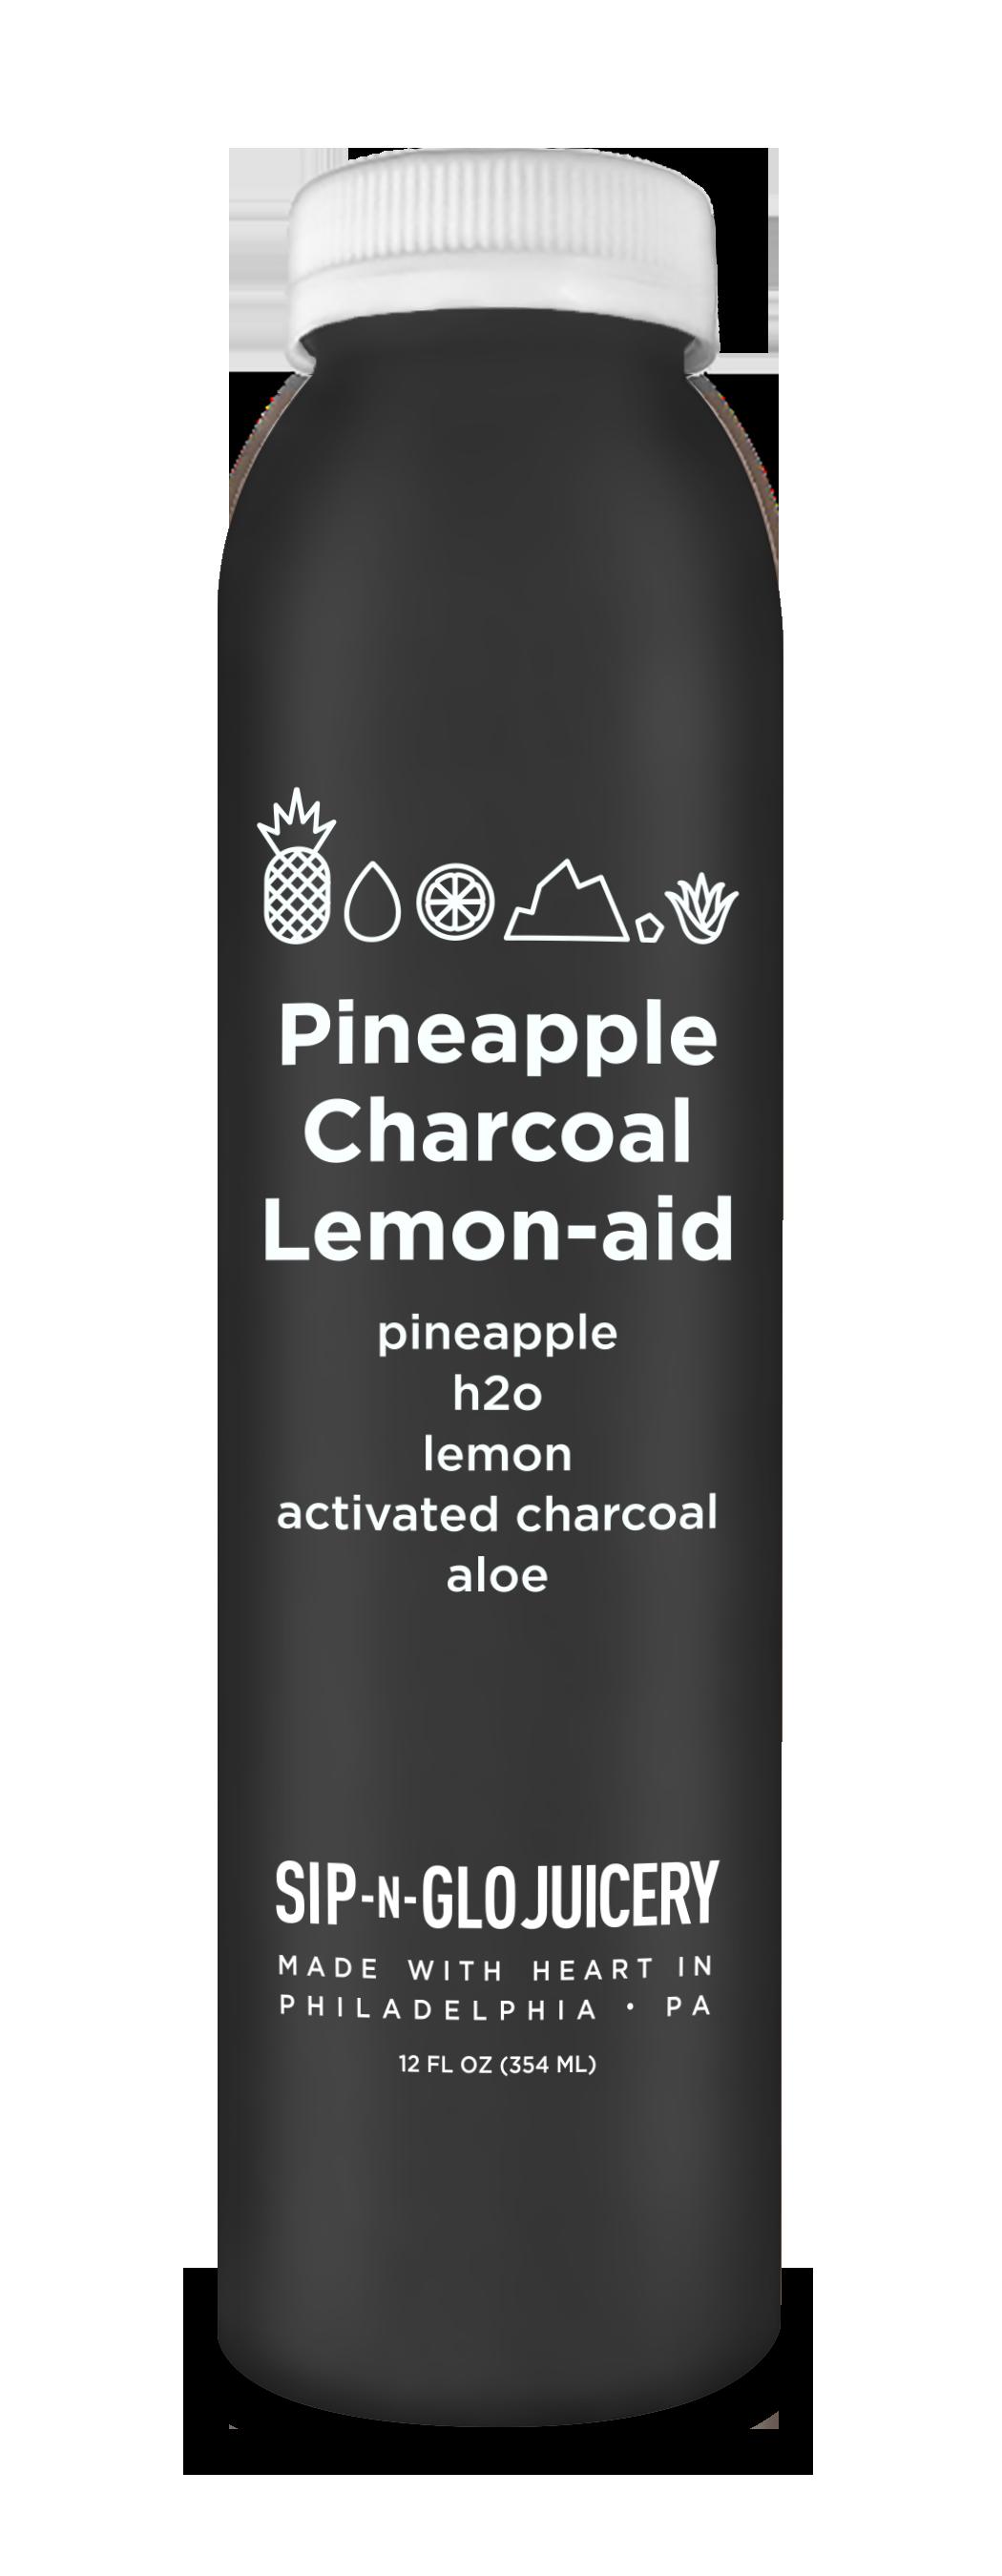 Sip-N-Glo Cold-Pressed Juice Pineapple Charcoal Lemon-aid